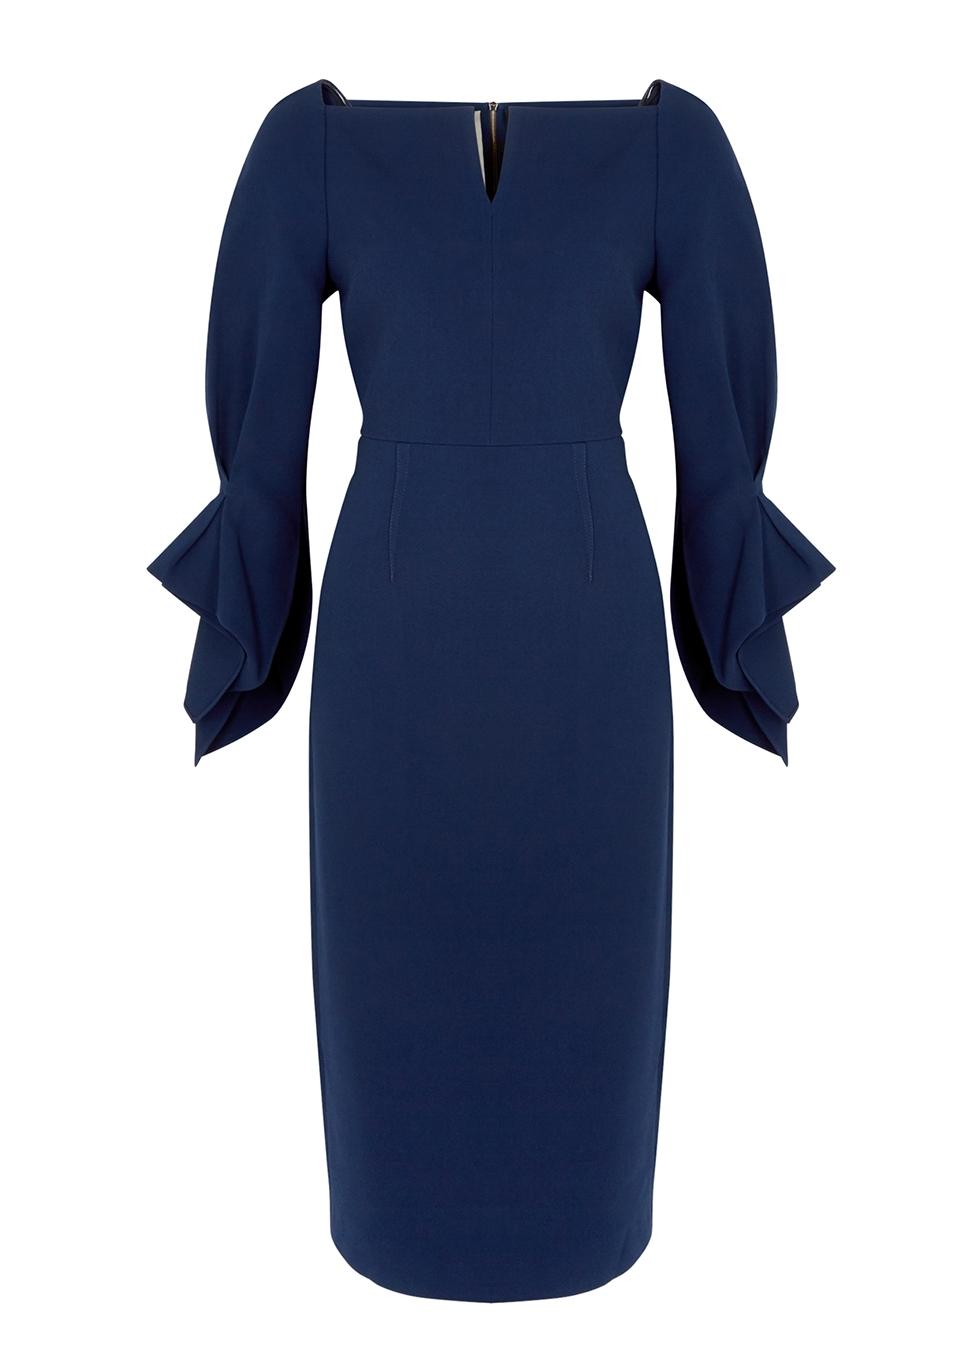 e6713aeb7 Designer Dresses & Designer Gowns - Harvey Nichols